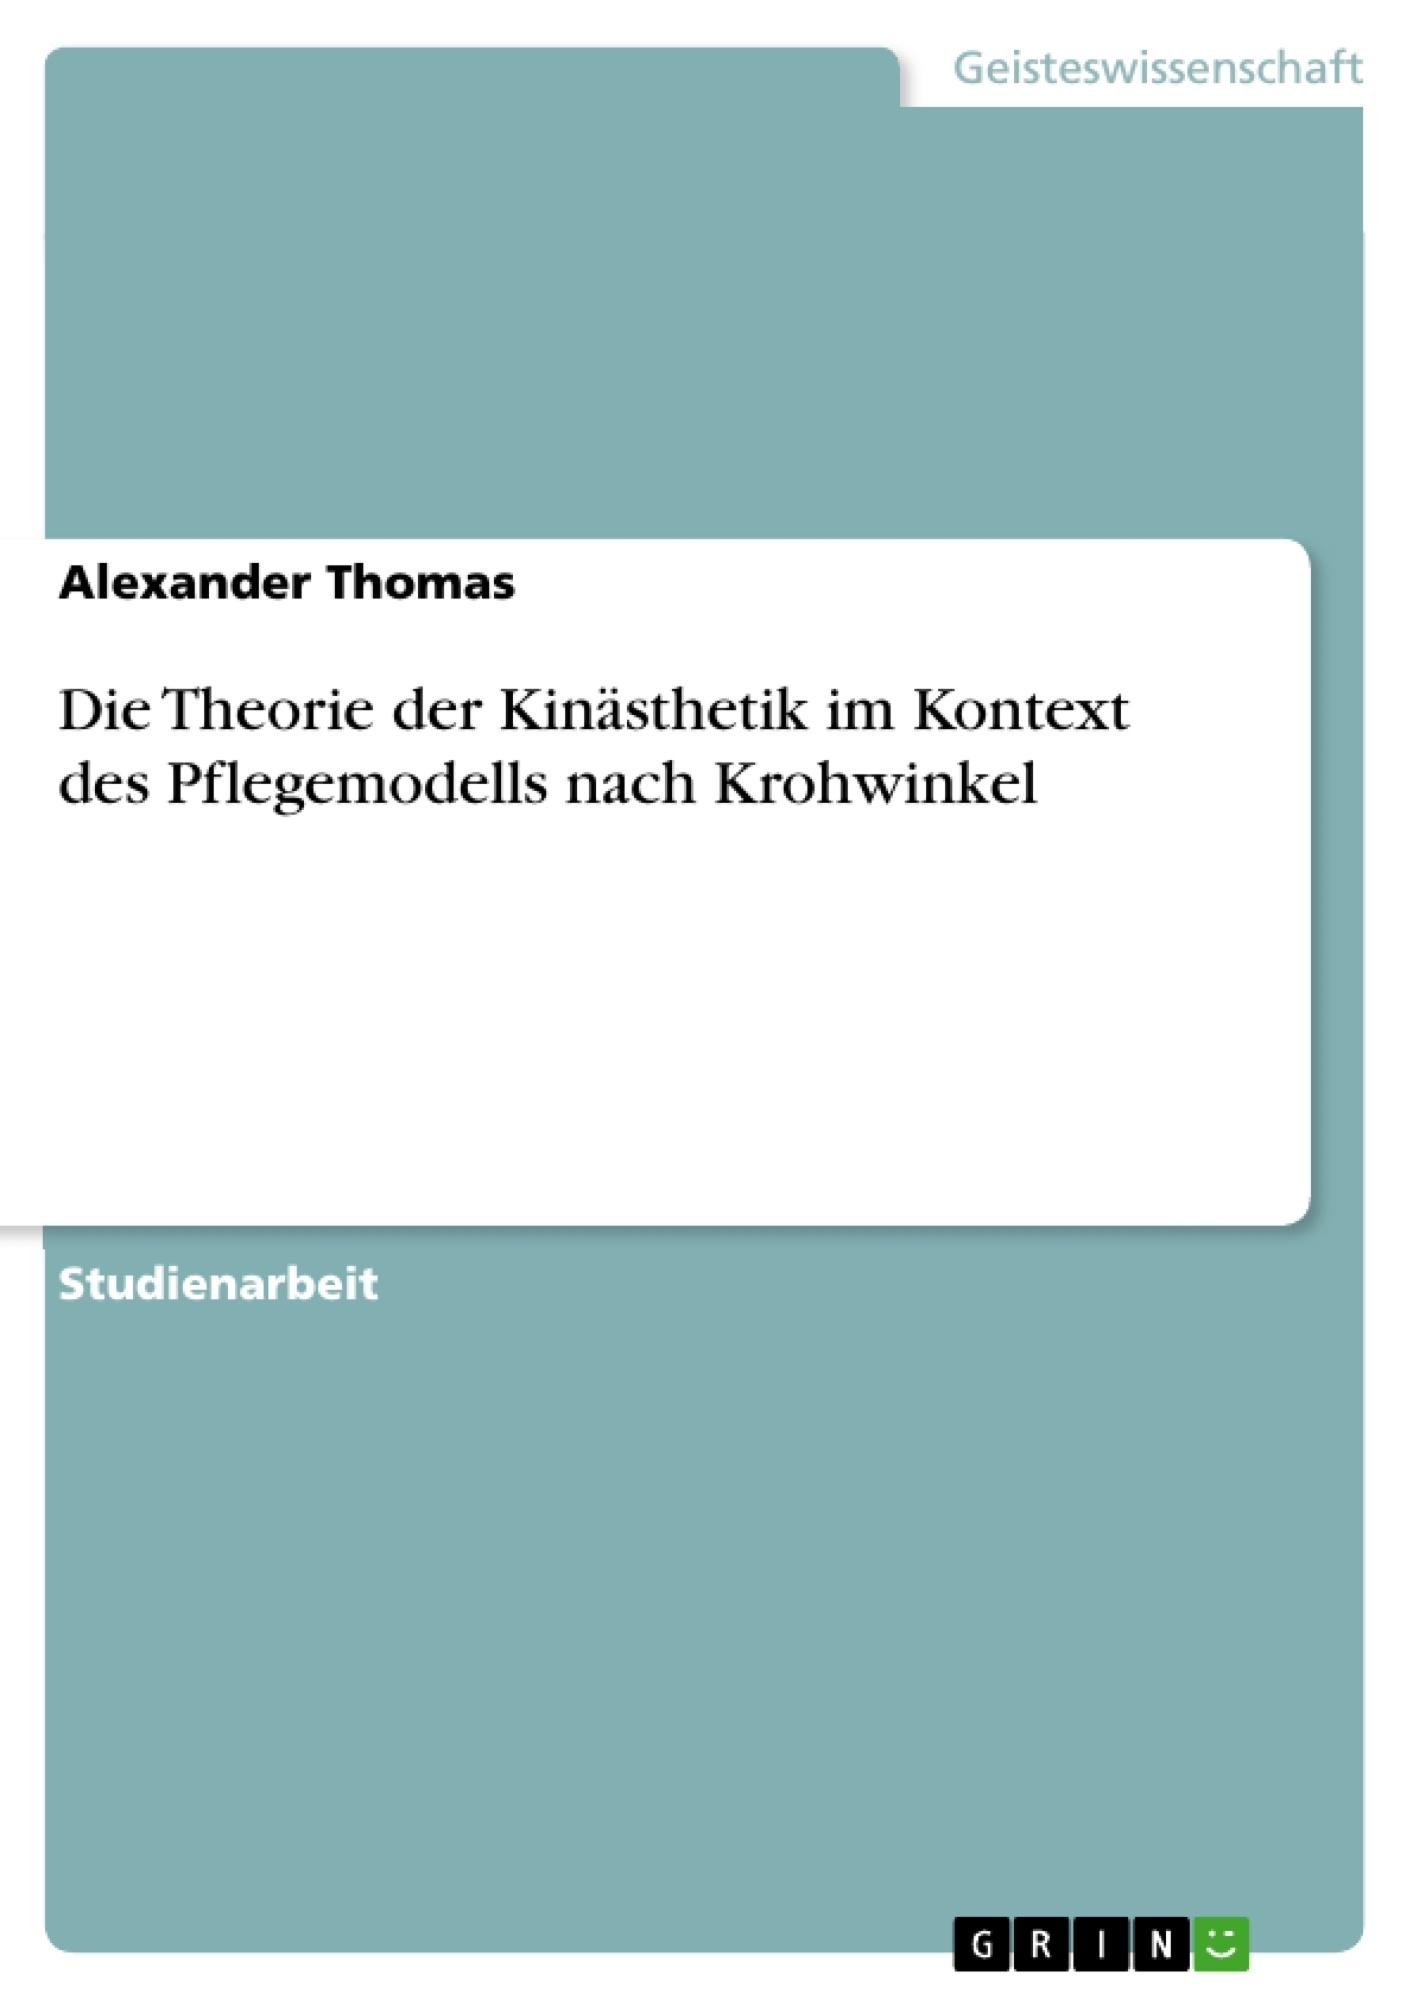 Titel: Die Theorie der Kinästhetik im Kontext des Pflegemodells nach Krohwinkel